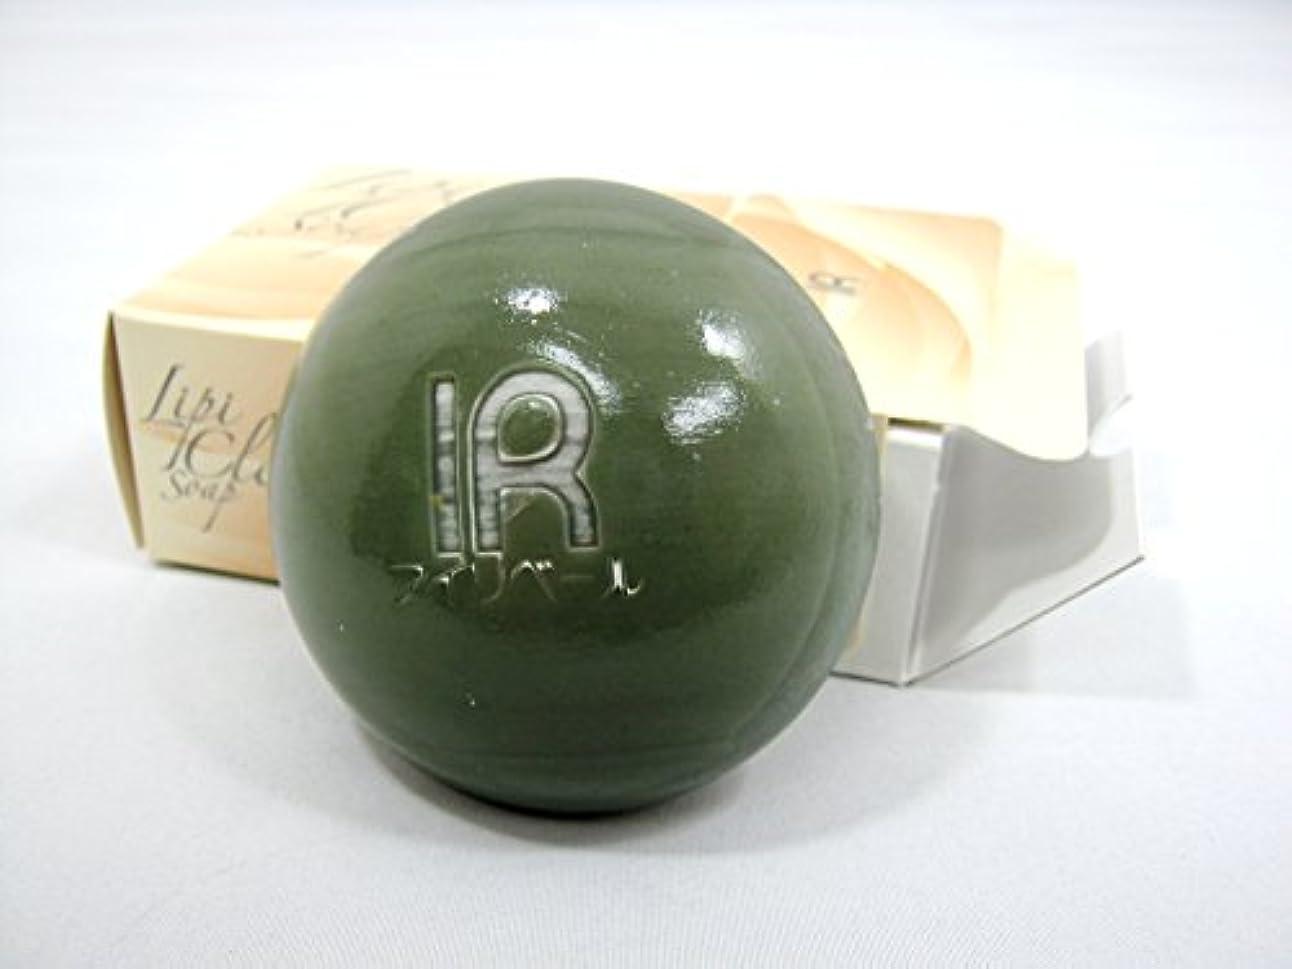 中性コテージレタッチIR アイリベール化粧品 リピ.クリアソープ(洗顔せっけん) 100g